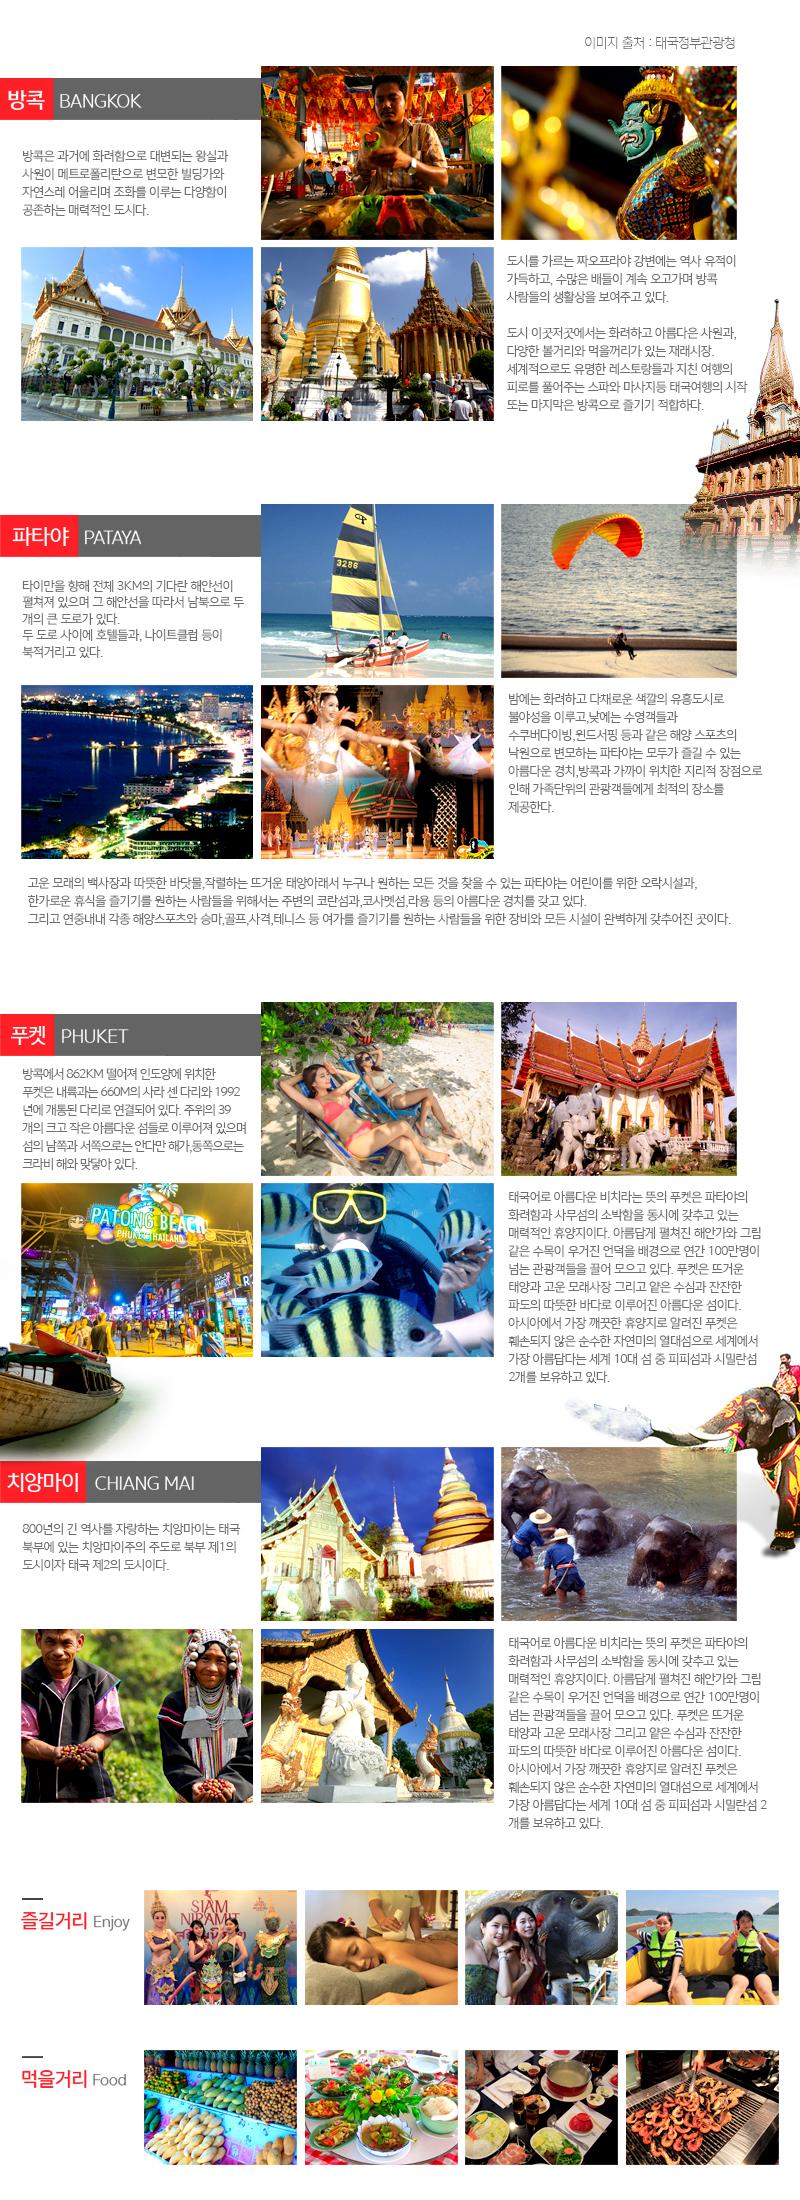 태국 관광 정보